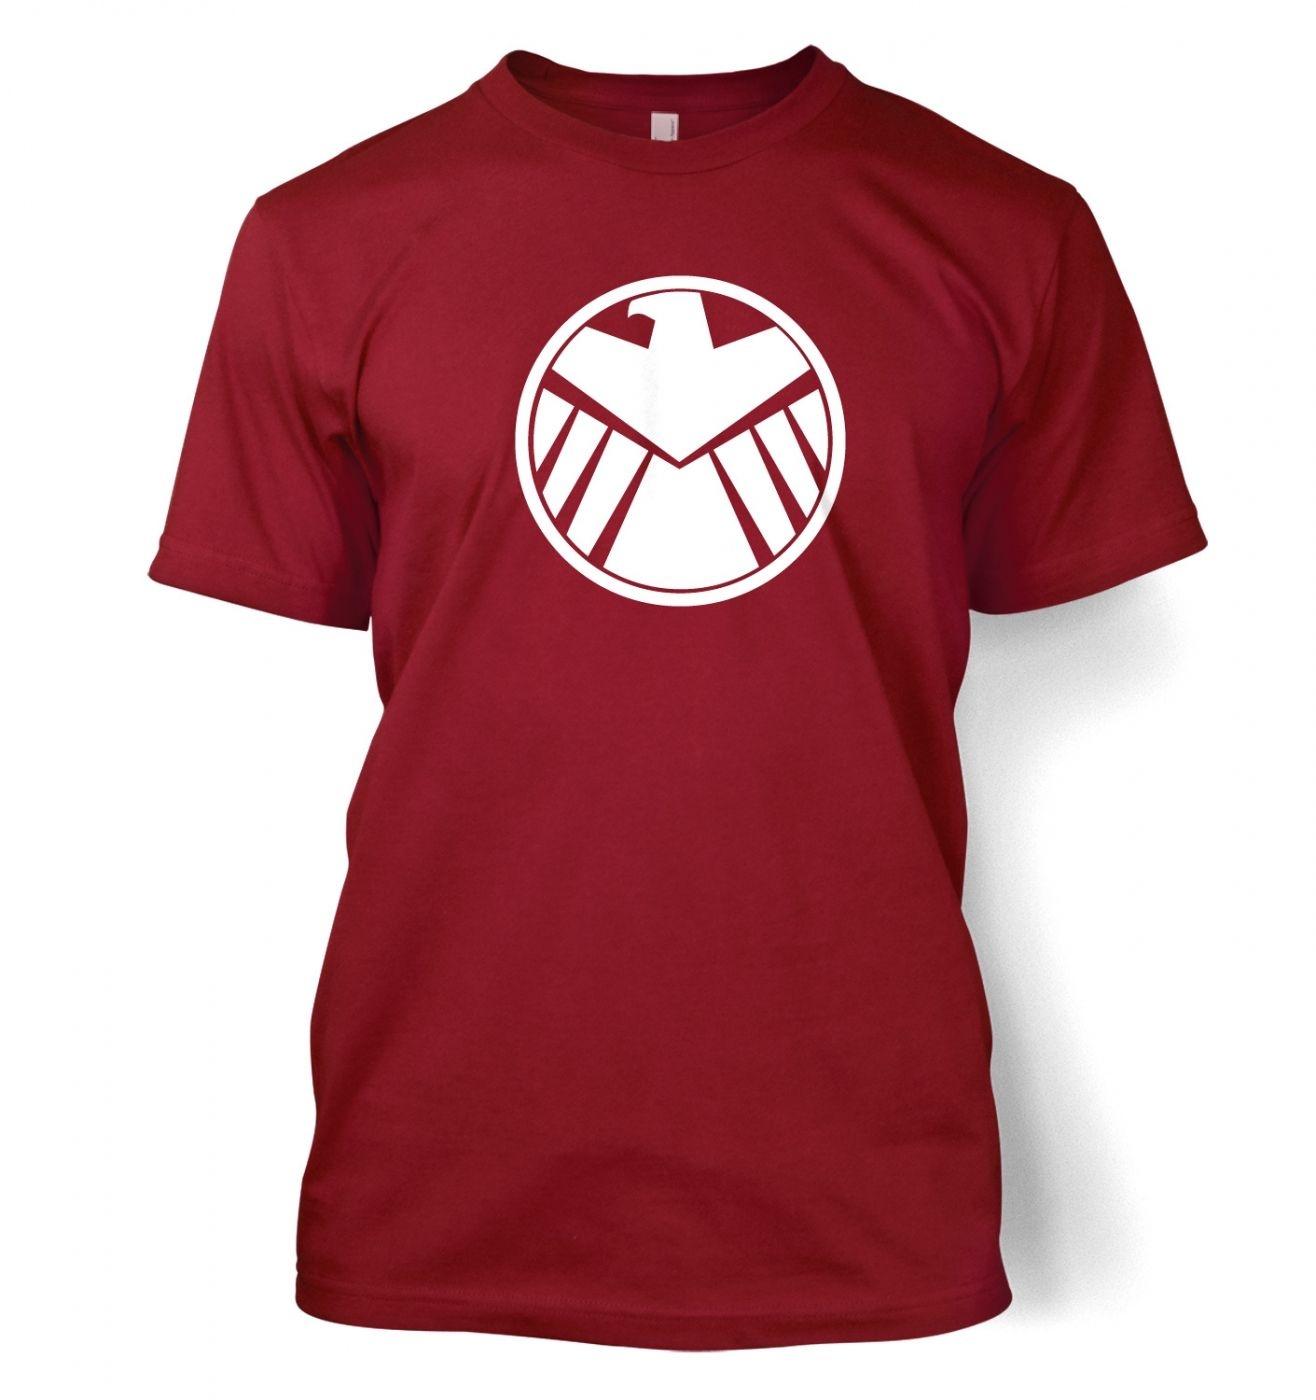 Shield men's t-shirt